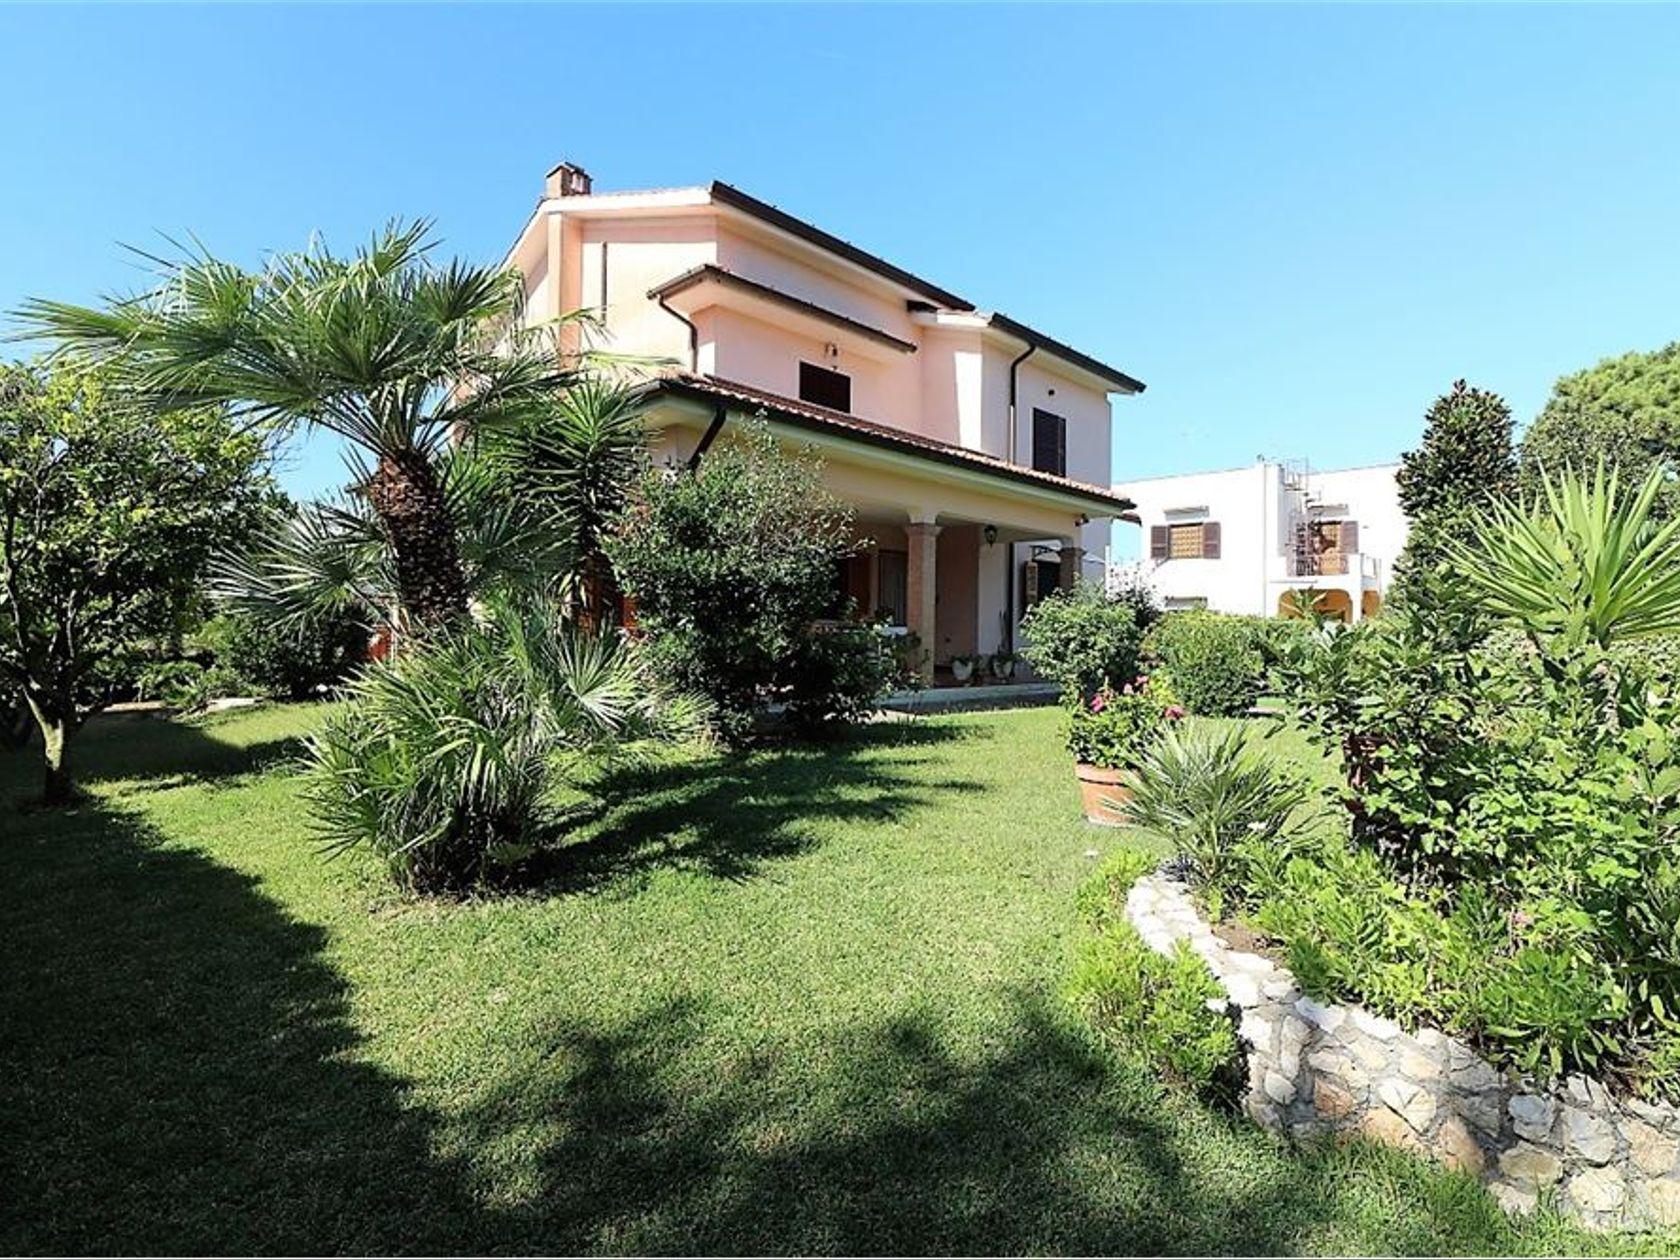 Villa singola Lavinio Lido di Enea, Anzio, RM Vendita - Foto 7